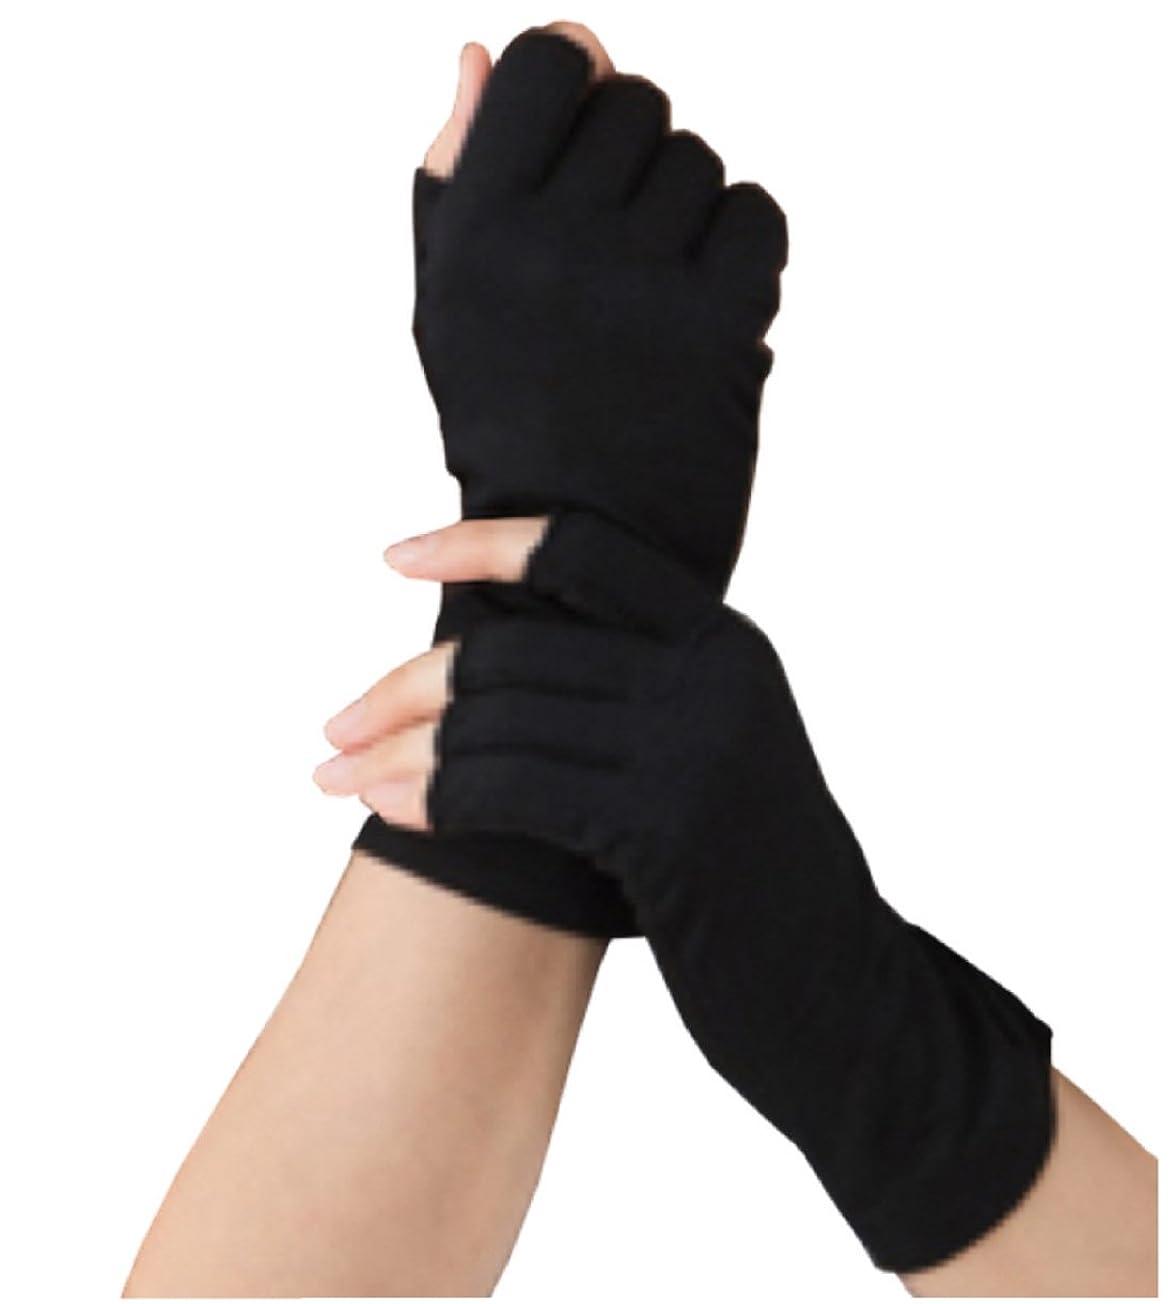 スキームミント足Silk 100% シルク 手袋 指先カット タイプ 薄手 オールシーズンOK 外出時の 紫外線 UV 対策 スマホ PC 操作 や ICカード 取り出しもらくらく! 手首 ゆったり おやすみ フィンガーレス スキンケア ハンドケア グローブ (ブラック)